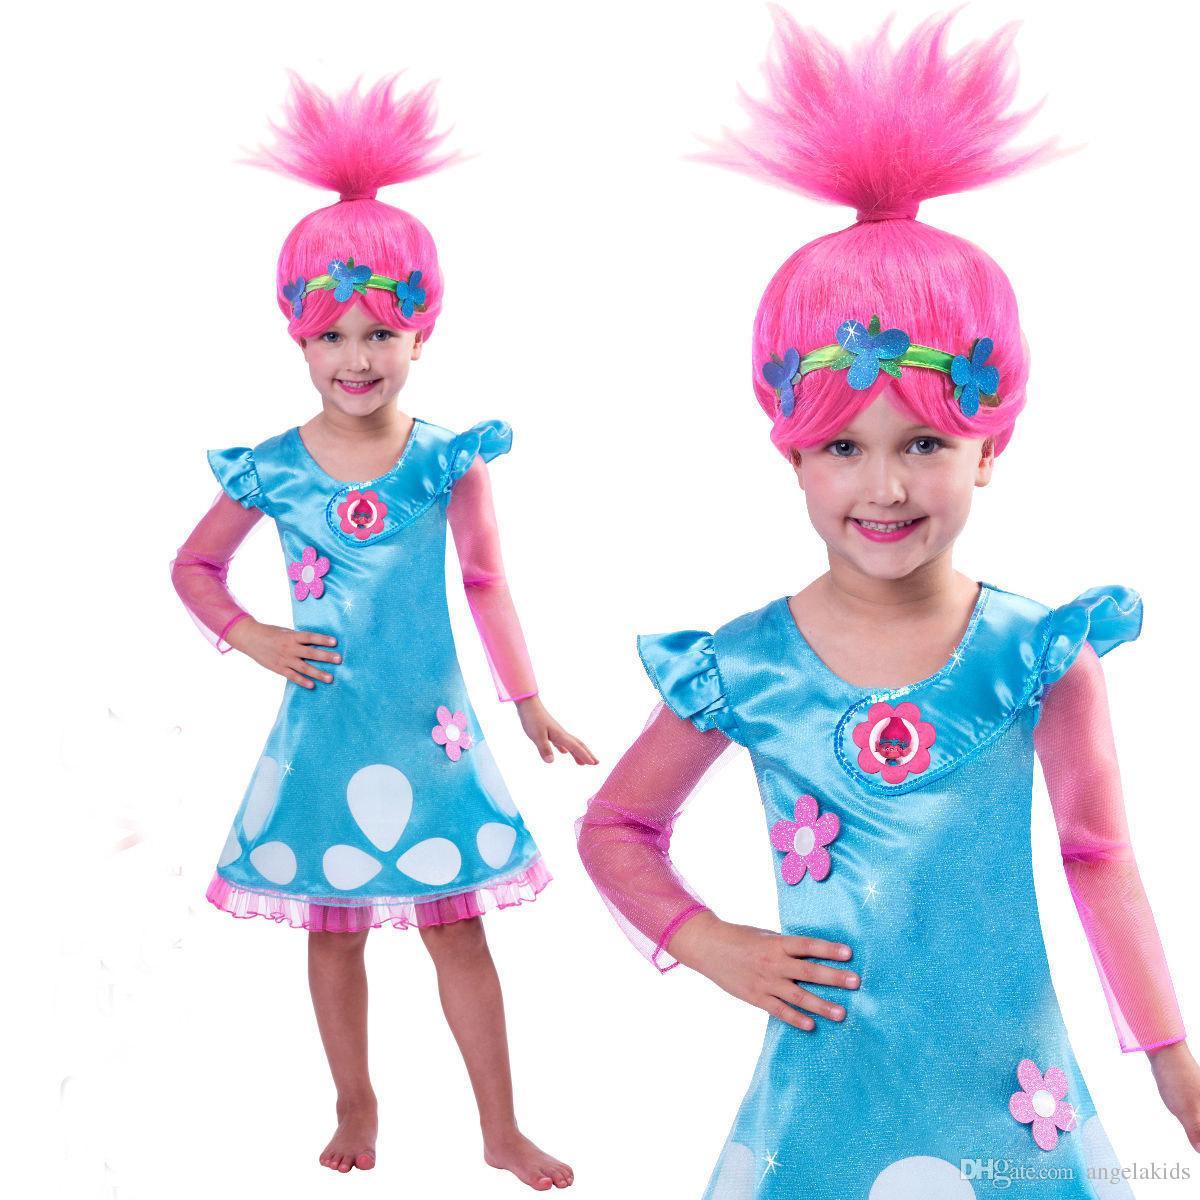 Trolls Déguisement Filles Trolls RobeKids Fille Coquelicot Troll Costume De Bande Dessinée 4-12T Enfant Cadeau Filles Trolls Coquelicot Déguisement